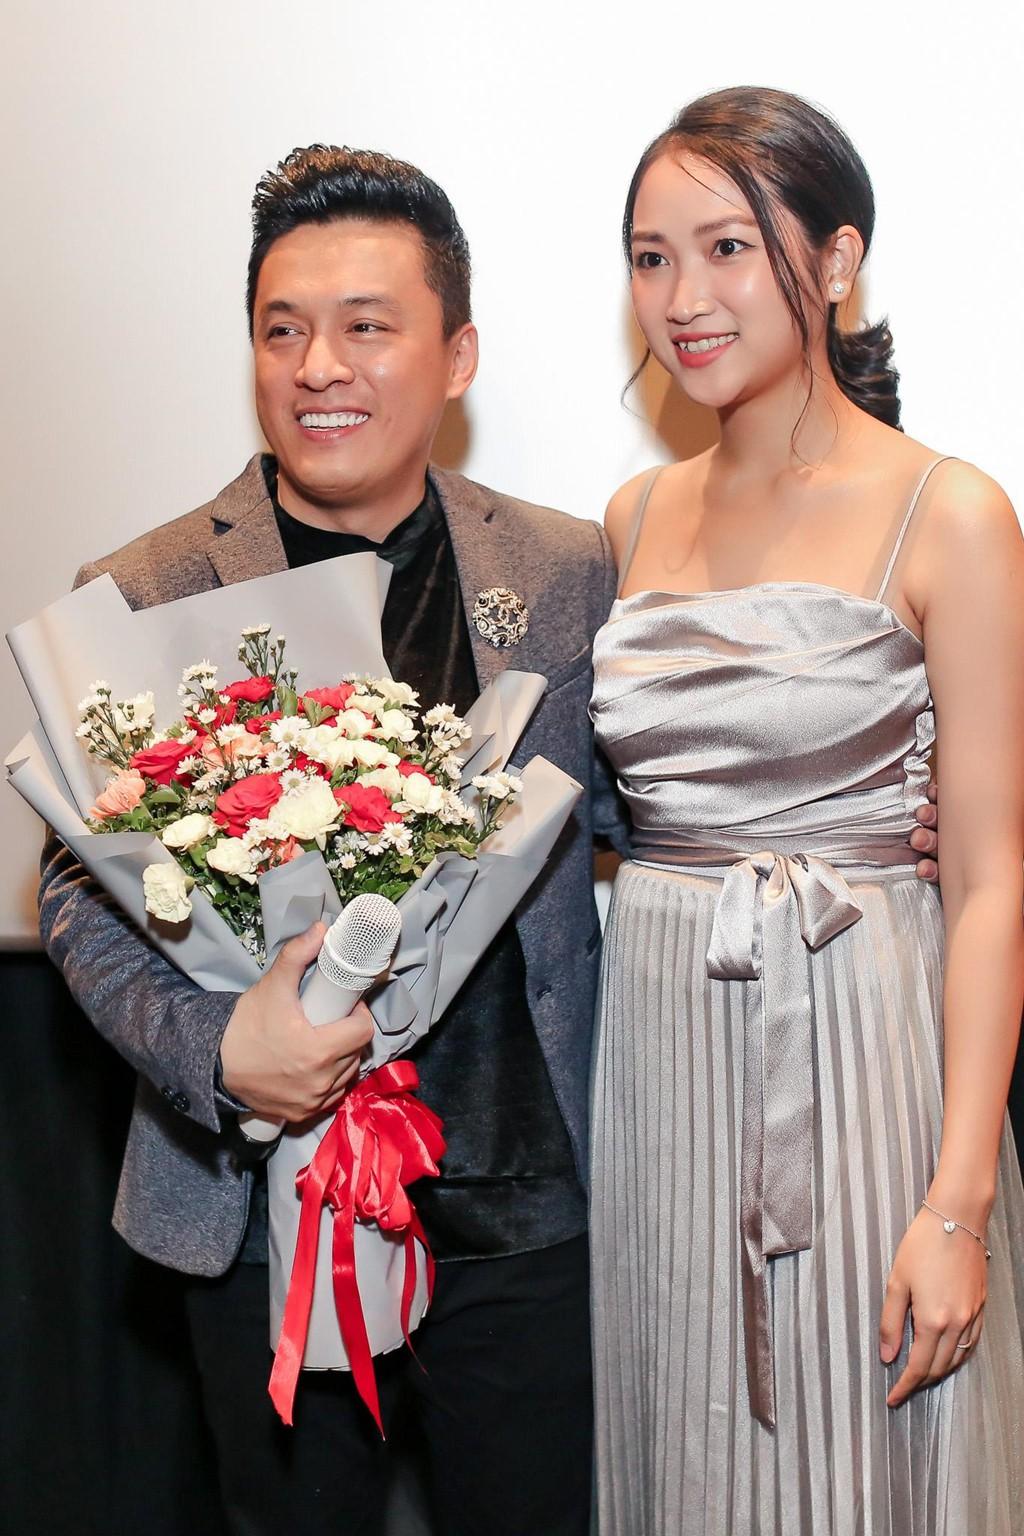 Đàm Vĩnh Hưng ôm hôn Lam Trường, nhắn nhủ: Nếu bị dính scandal thì hãy tìm Hưng để được giải - Ảnh 4.